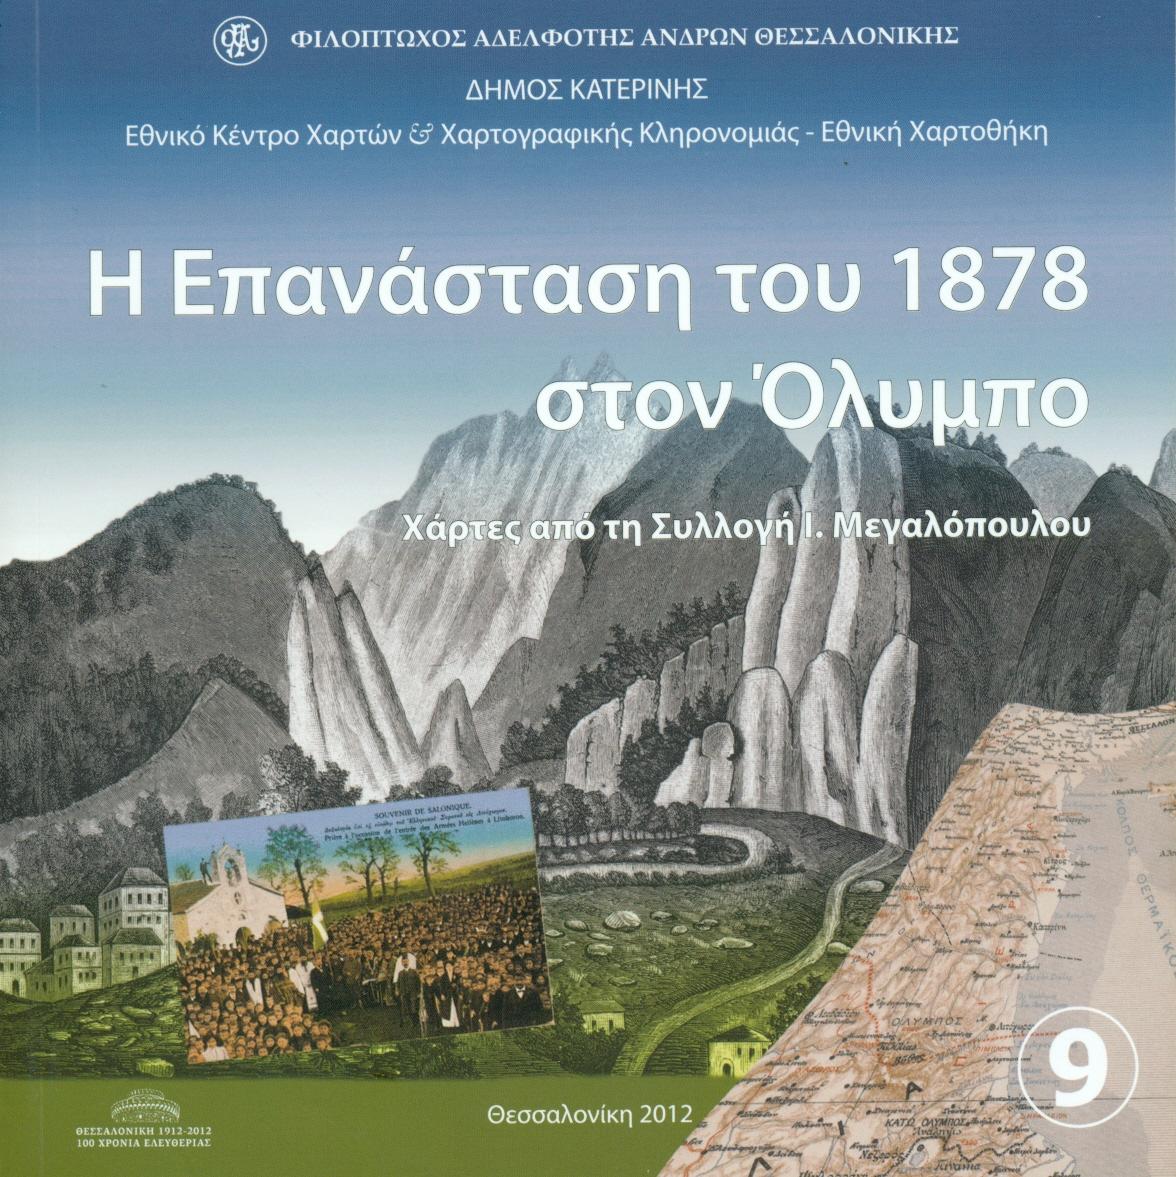 Η ΕΠΑΝΑΣΤΑΣΗ ΤΟΥ 1878 ΣΤΟΝ ΟΛΥΜΠΟ